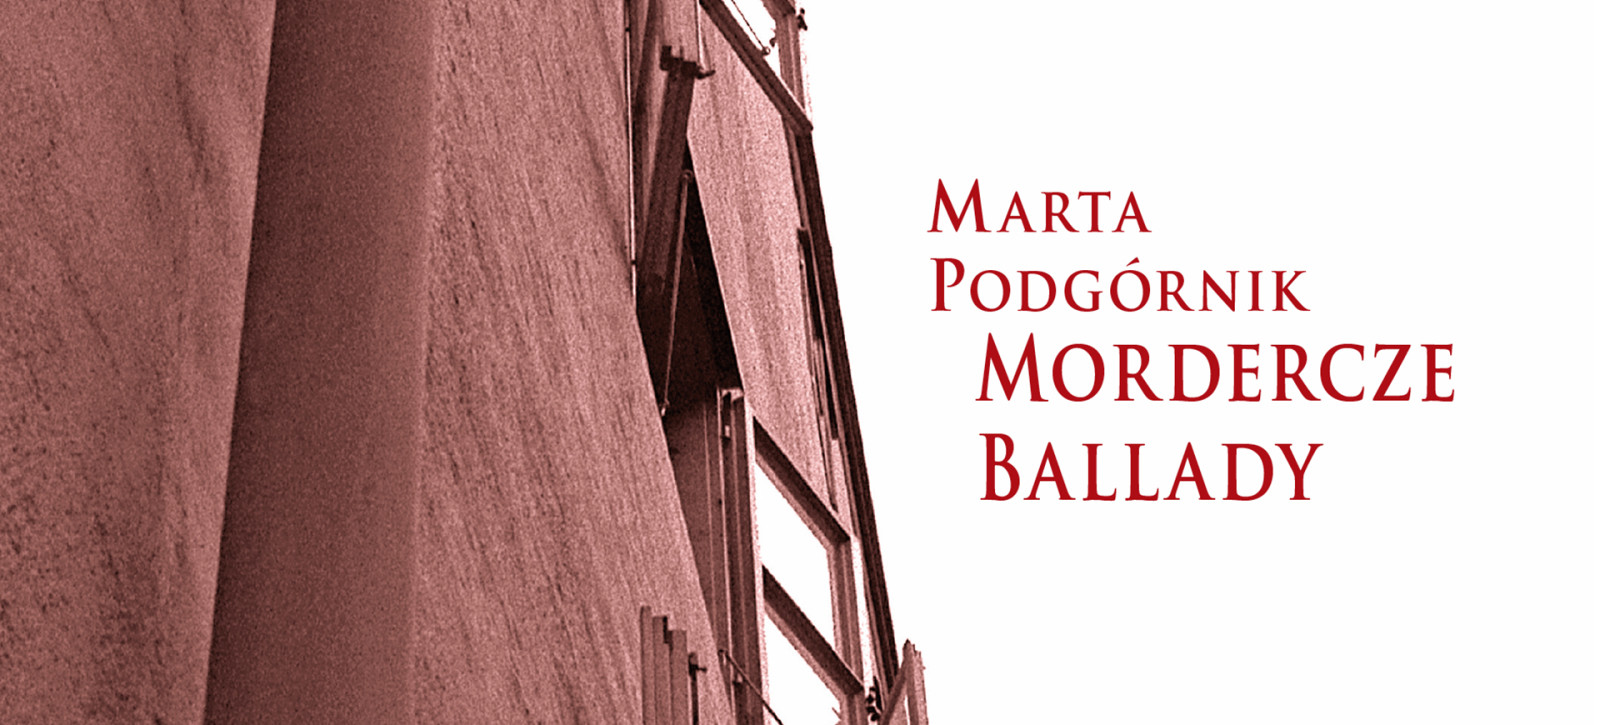 11_KSIAZKI__Marta Podgórnik__Mordercze ballady